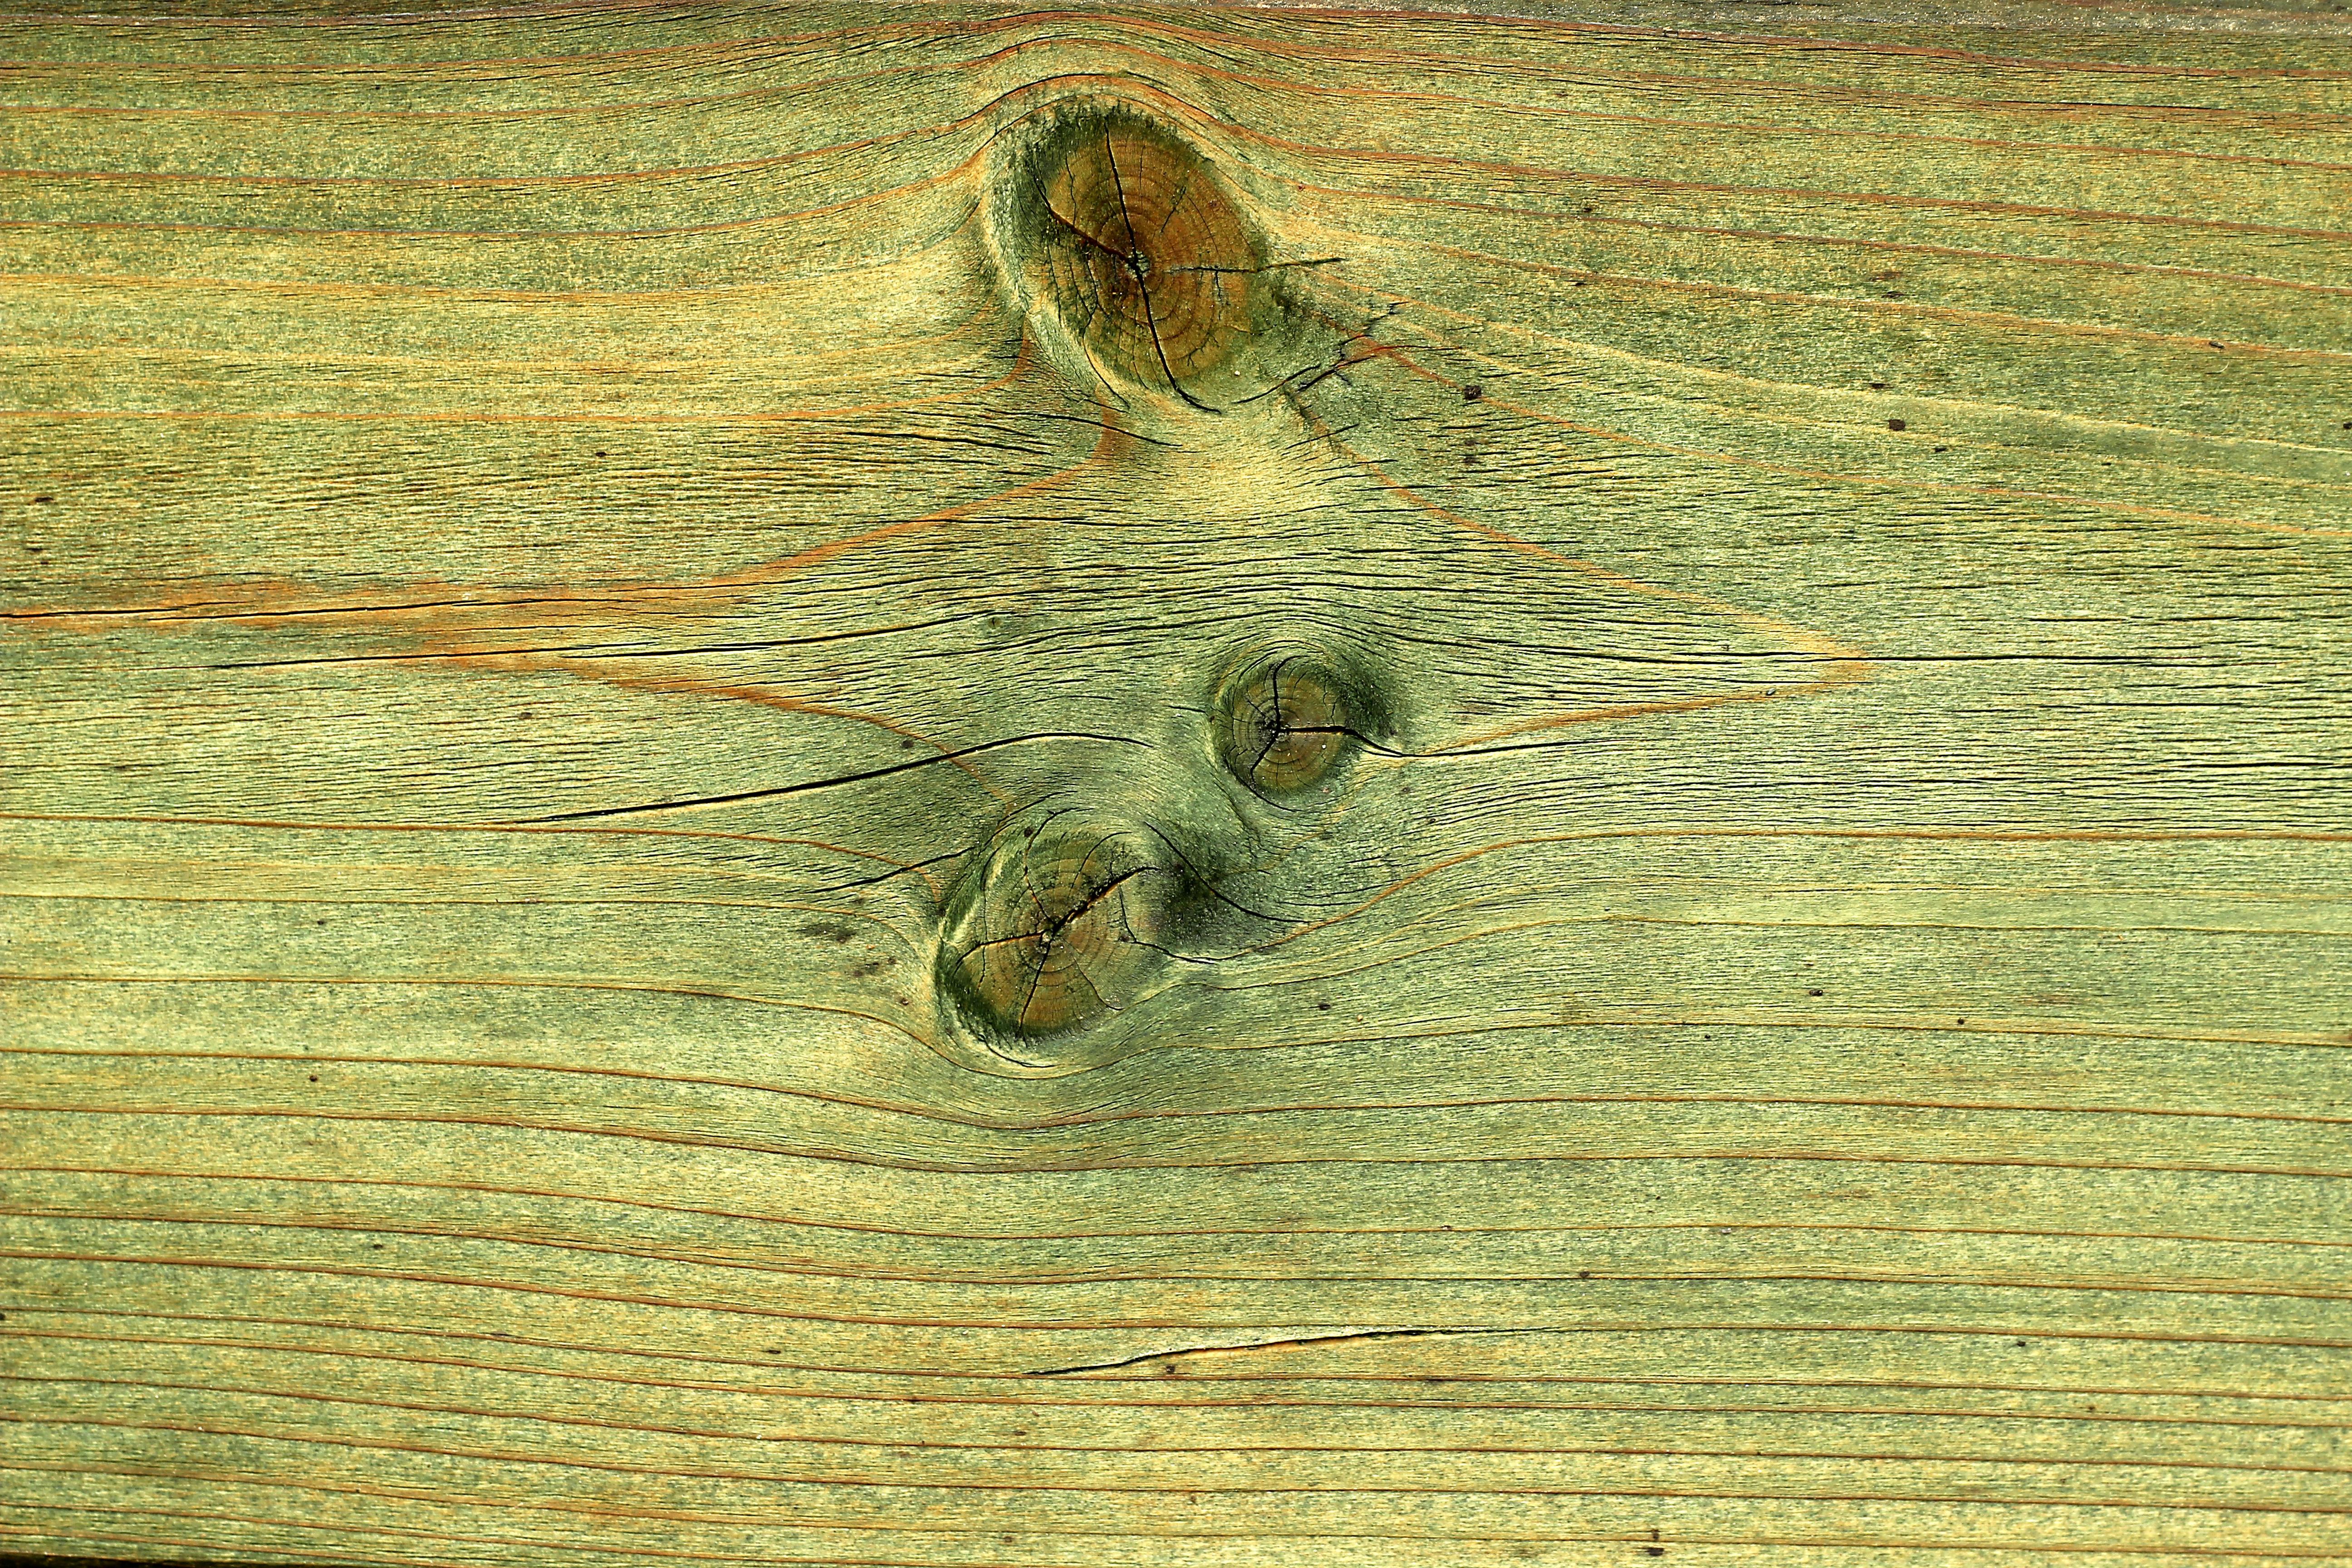 Fotos Gratis Escritorio Mesa Naturaleza Abstracto Tablero  ~ Como Son Las Polillas De La Madera